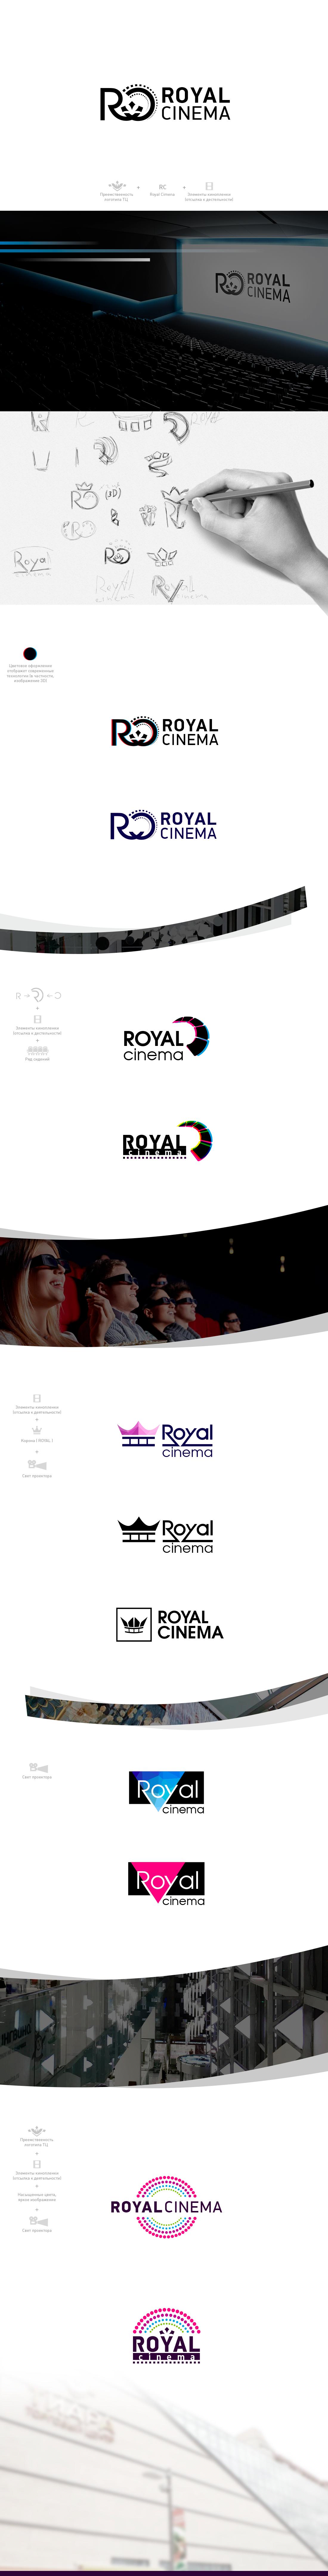 Royal Cinema - кинотеатр в ТЦ